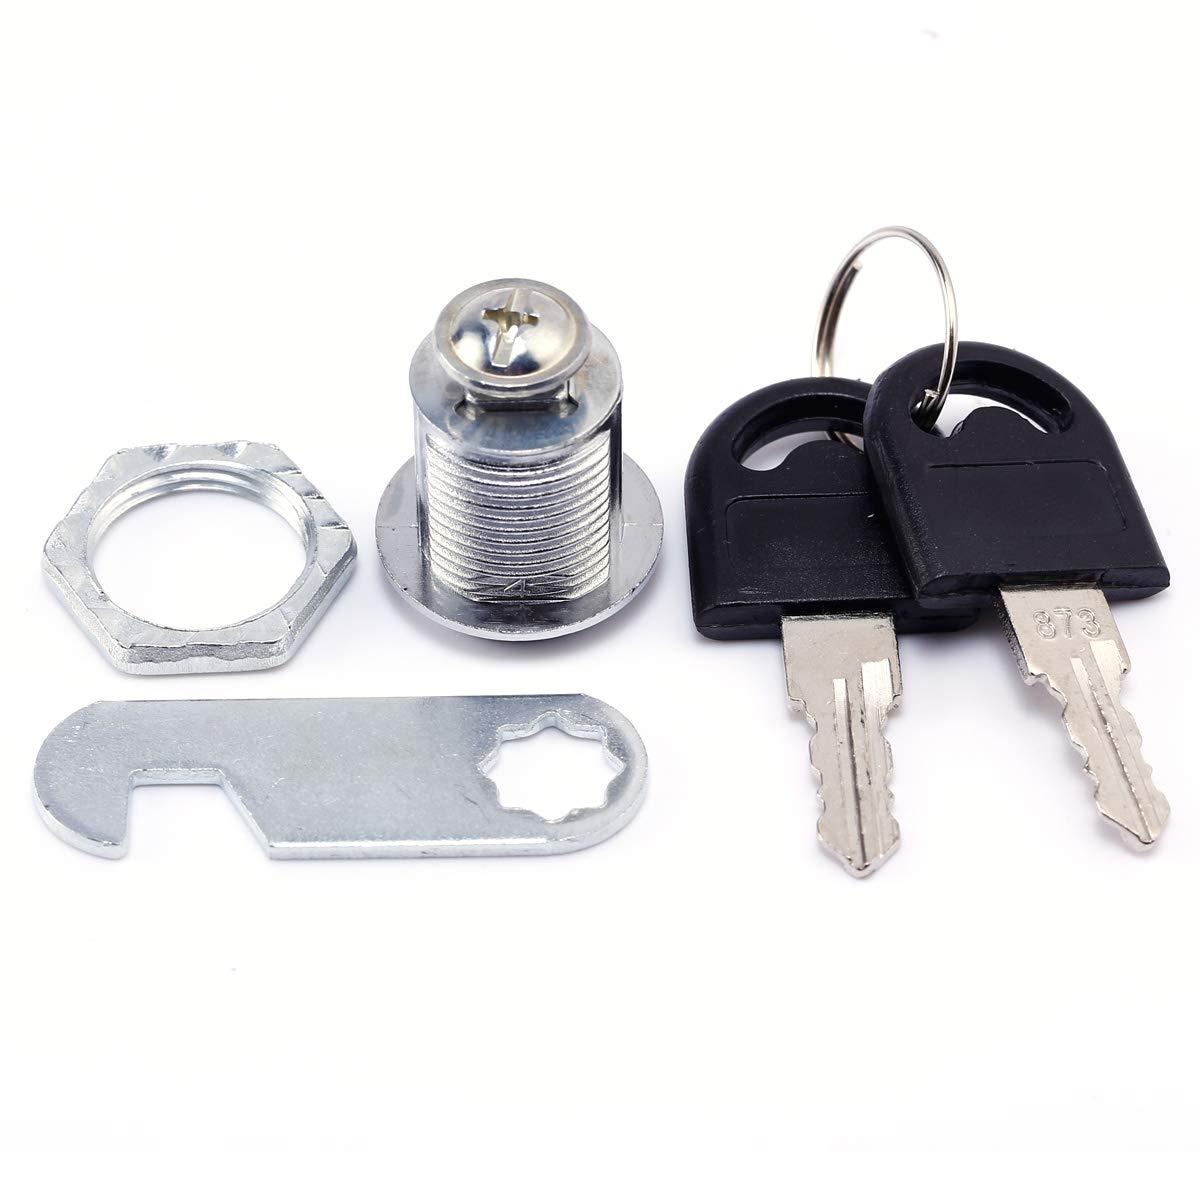 SurePromise 4 paquetes de cerraduras para armario para puerta caj/ón buz/ón con llaves caja de herramientas